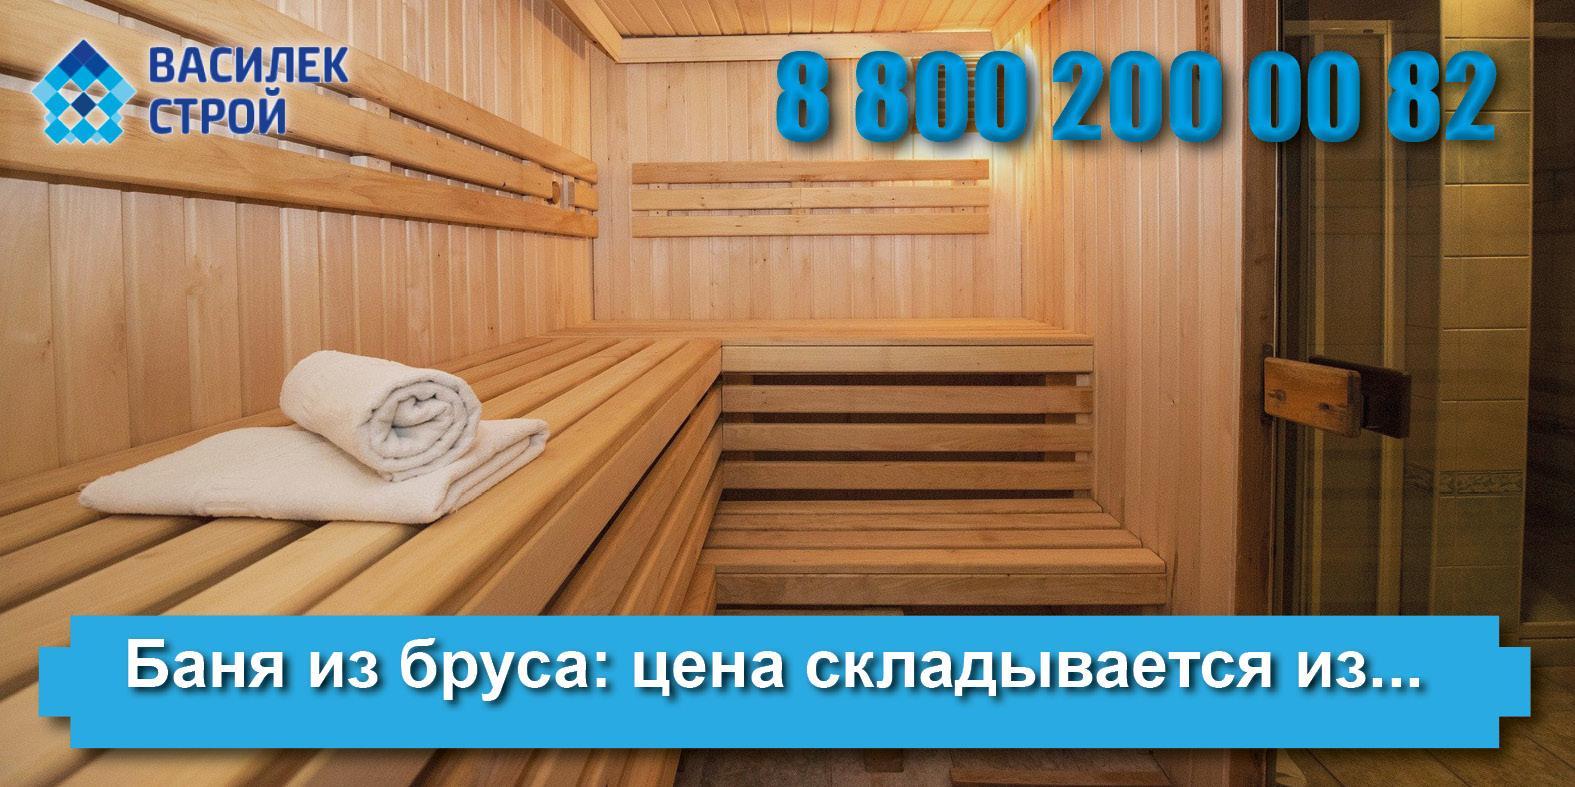 Предлагаем минимальные цены на бани из бруса